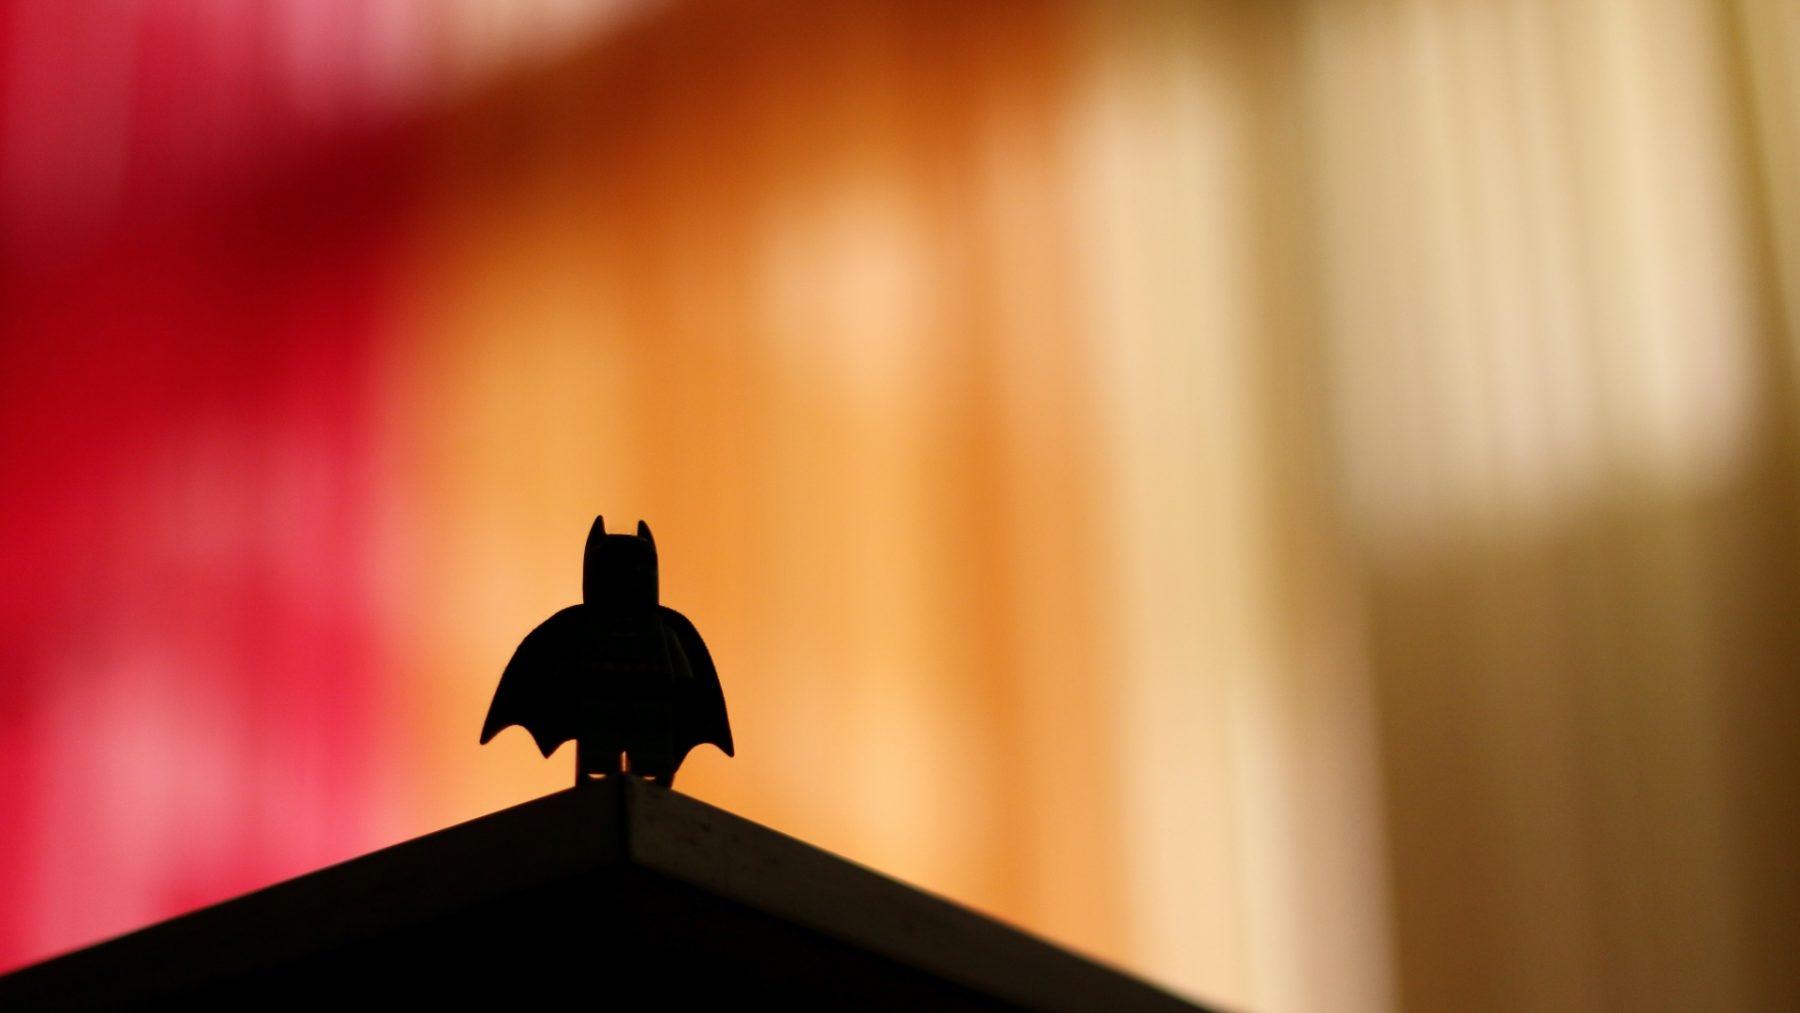 Batman-sidekick Robin is in nieuwste comic - na vele verzoeken - eindelijk biseksueel